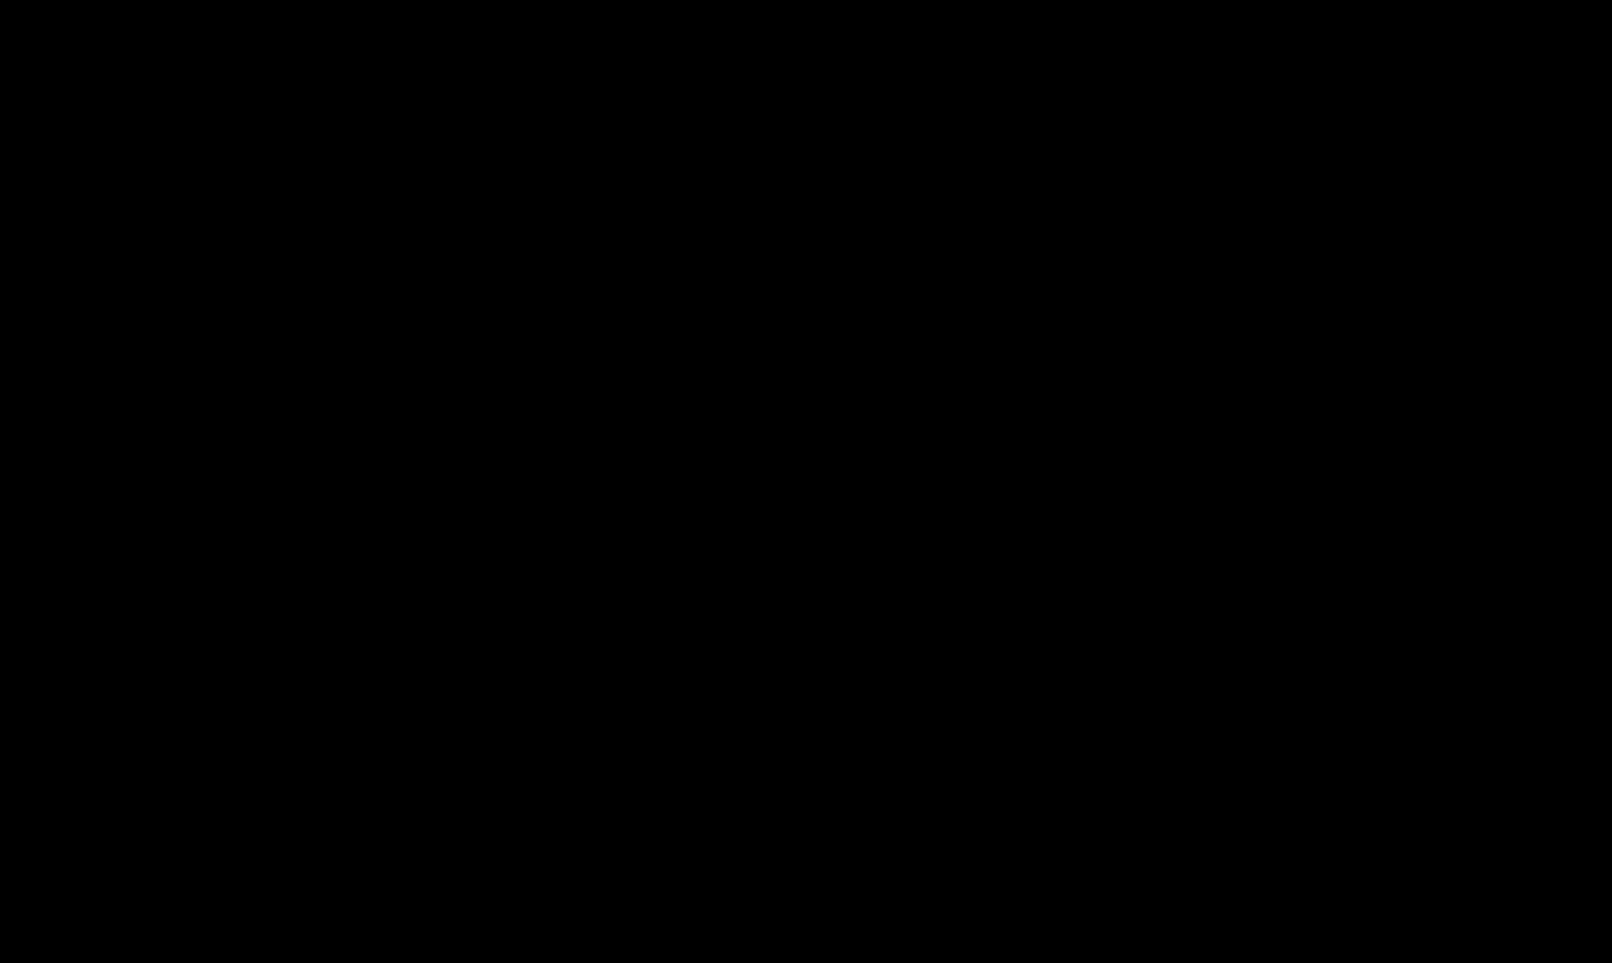 kind-stranger-logo-blk